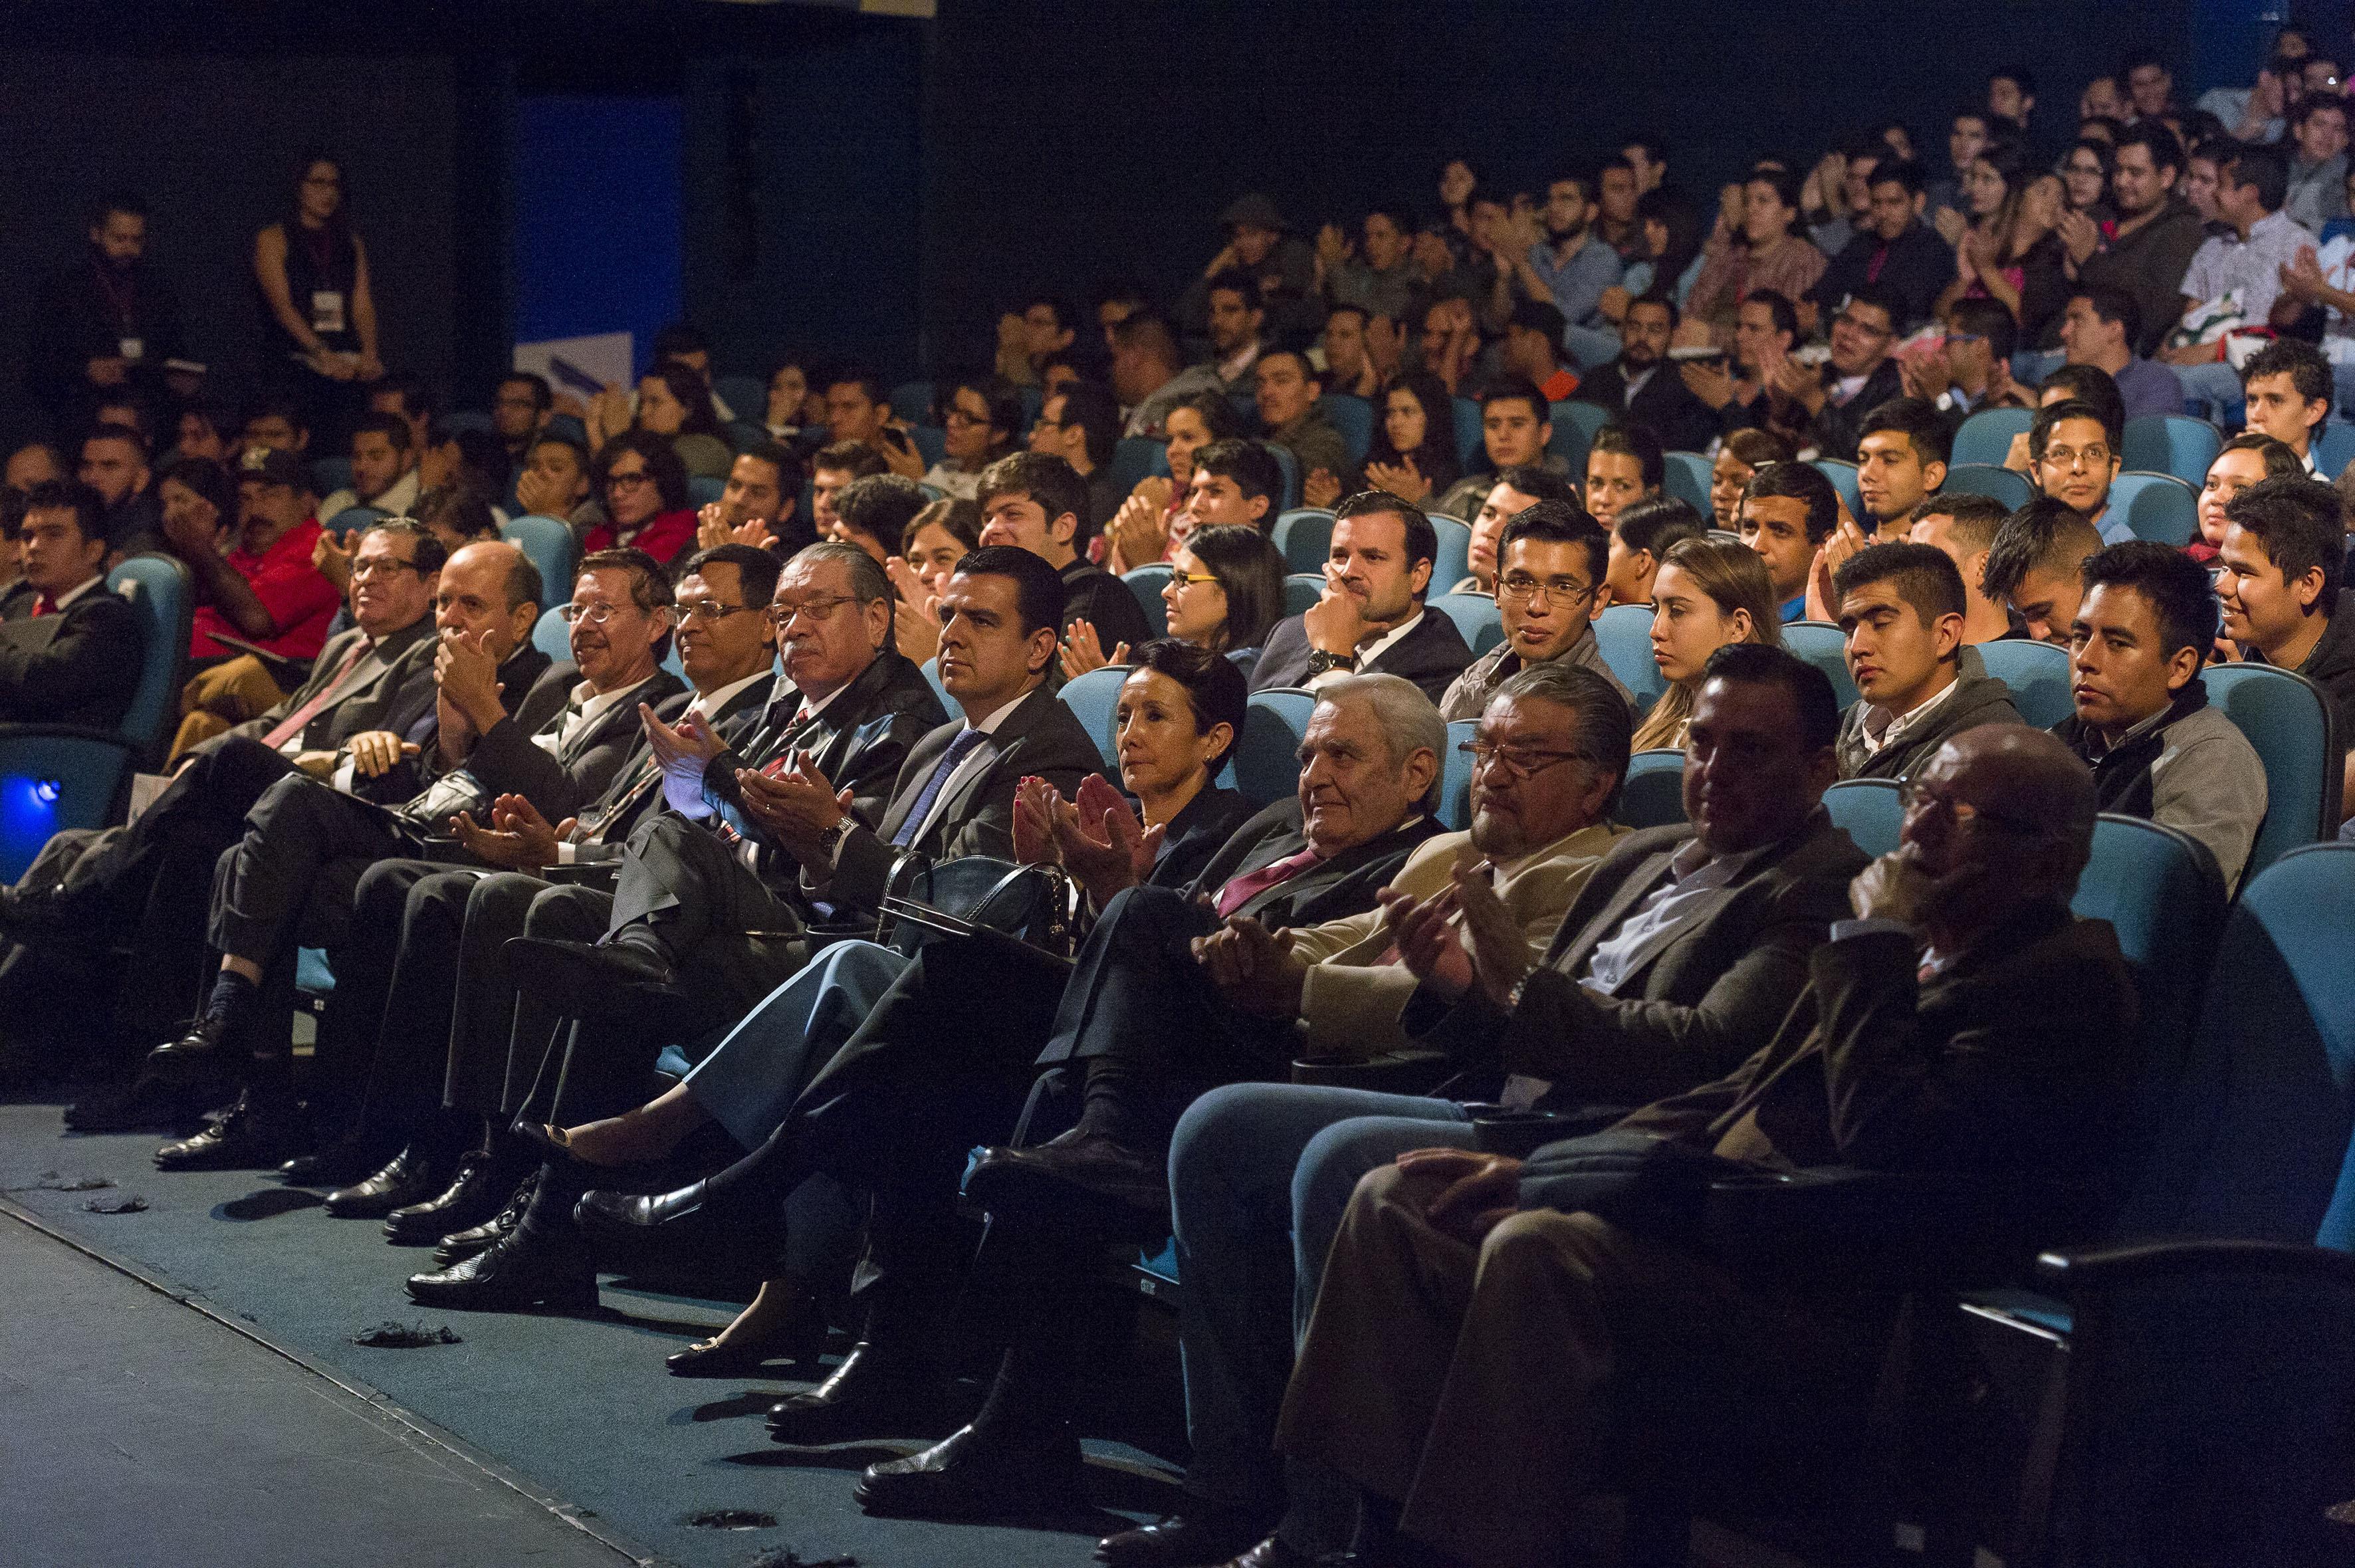 Vista panorámica de los especialistas, empresarios, académicos y estudiantes asistentes al evento en el Teatro Diana.